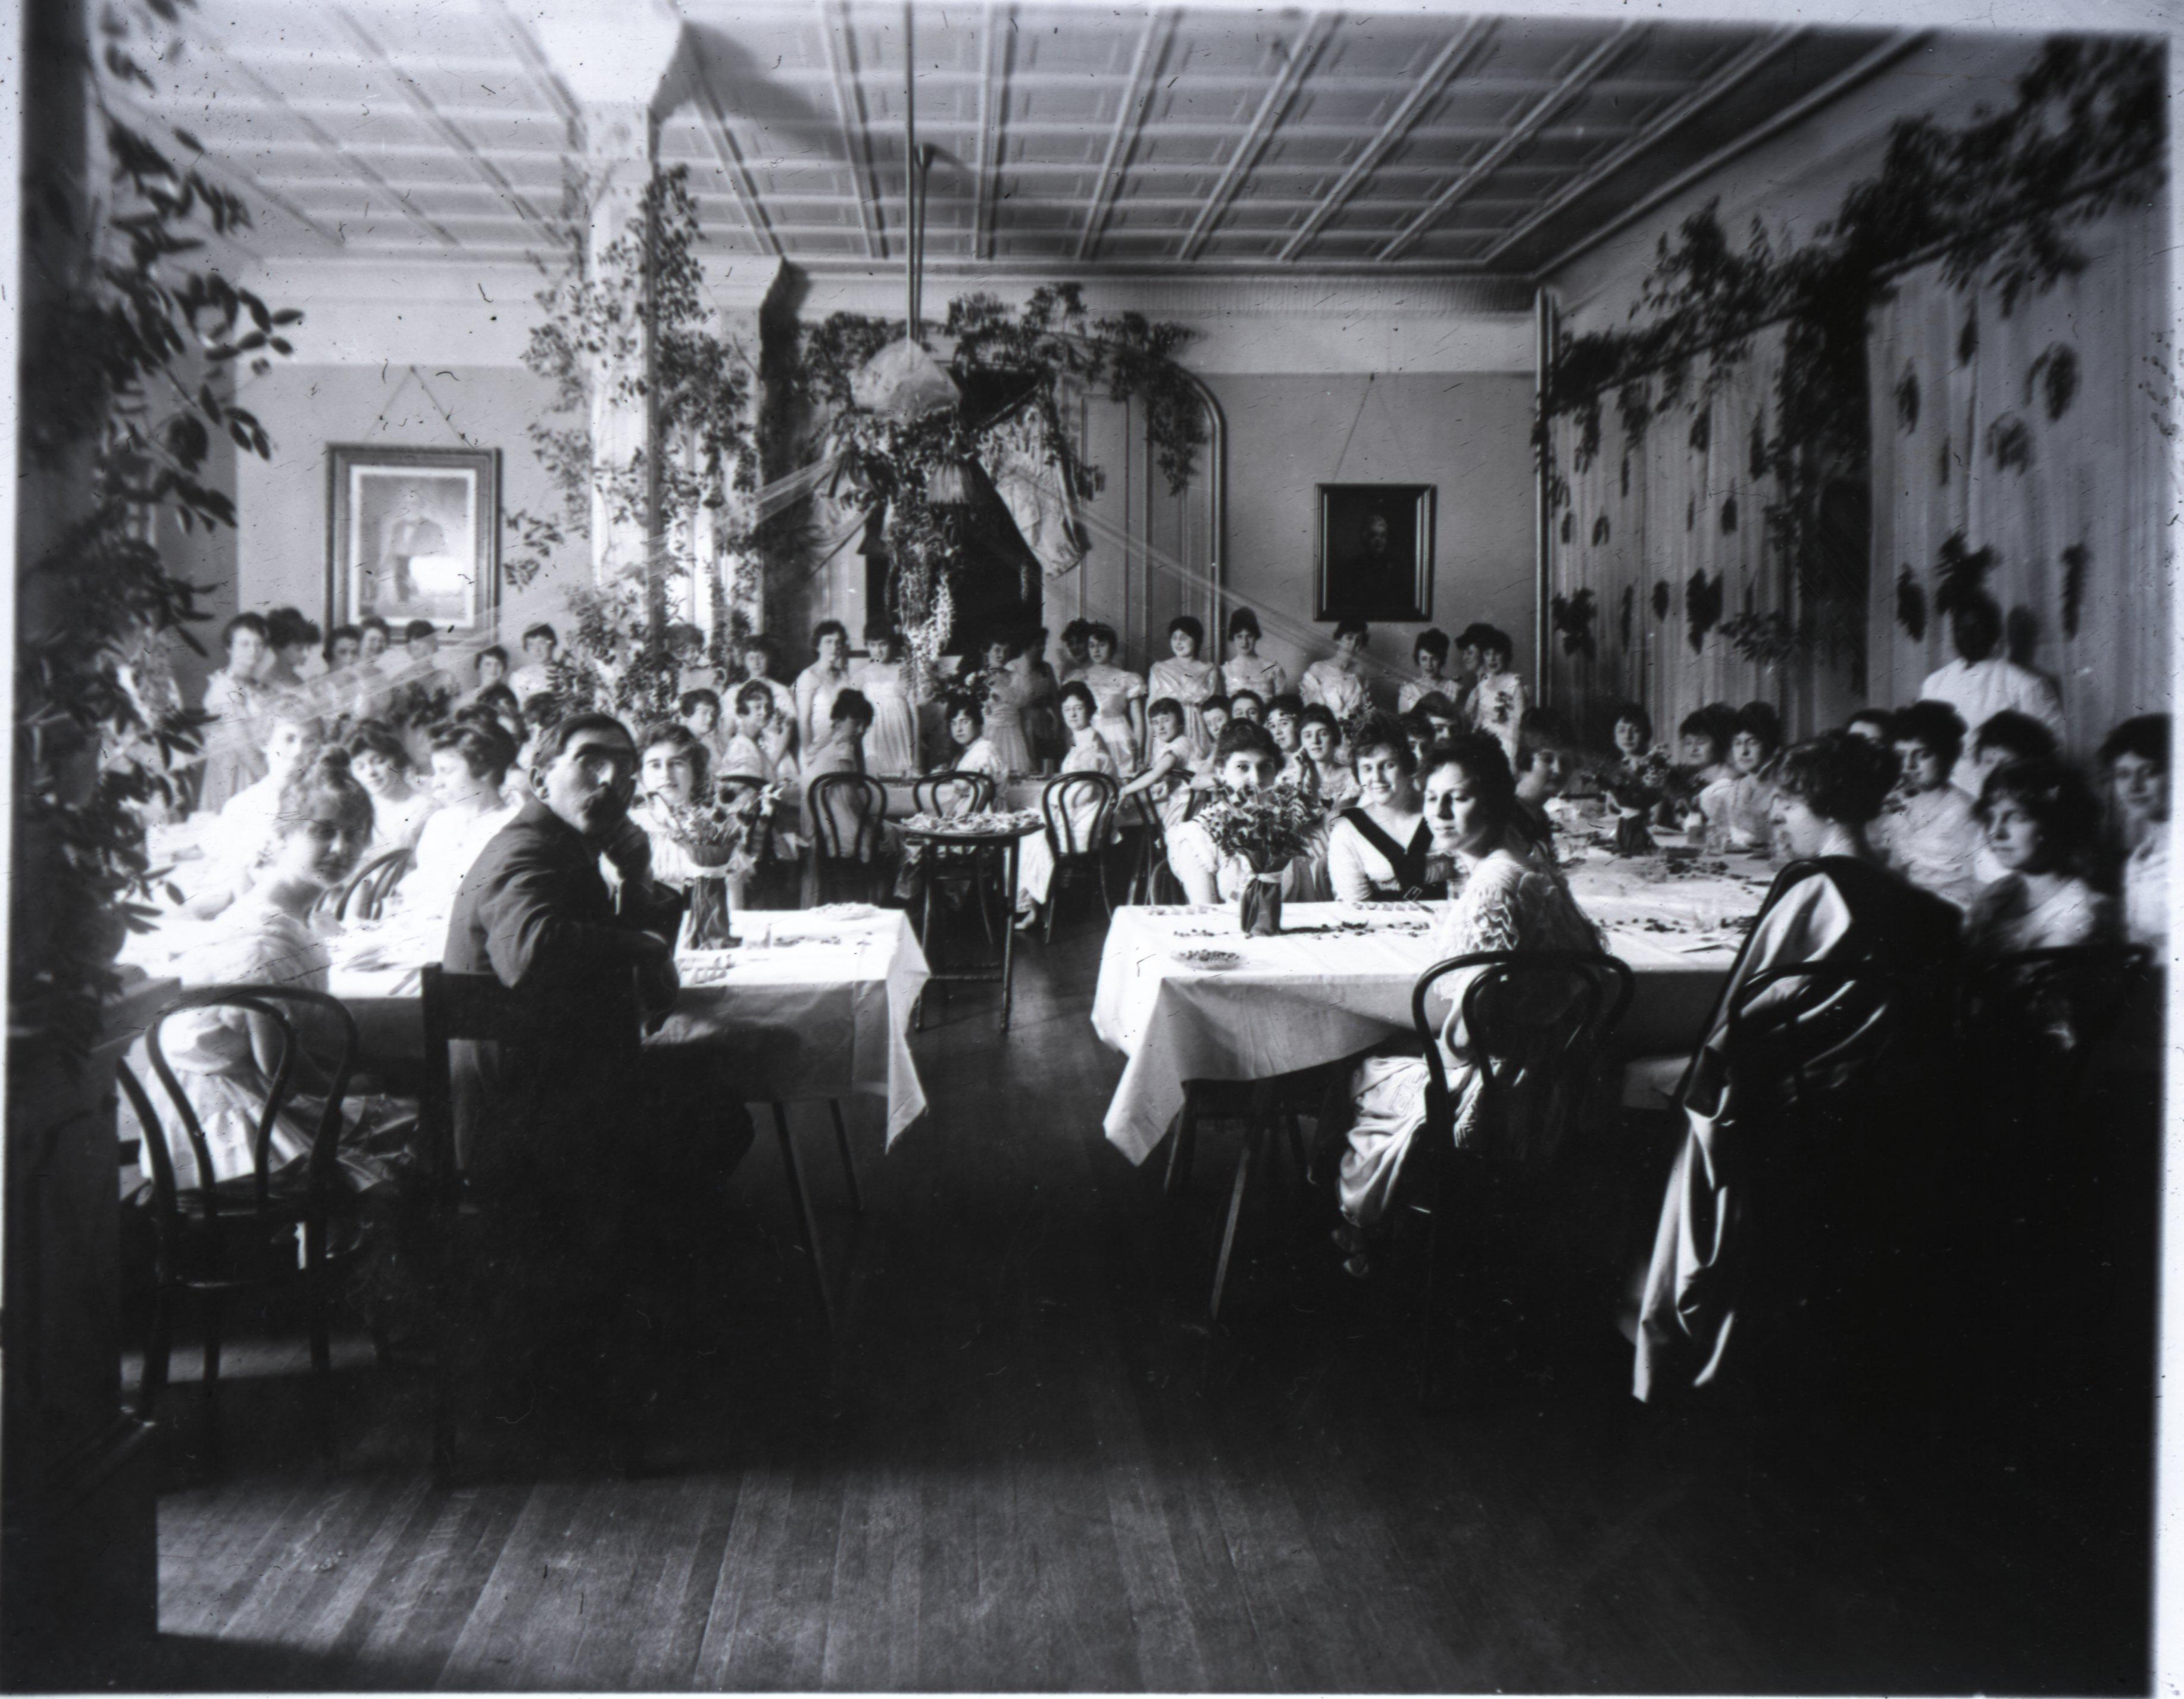 Wesleyan Female College Dining Room